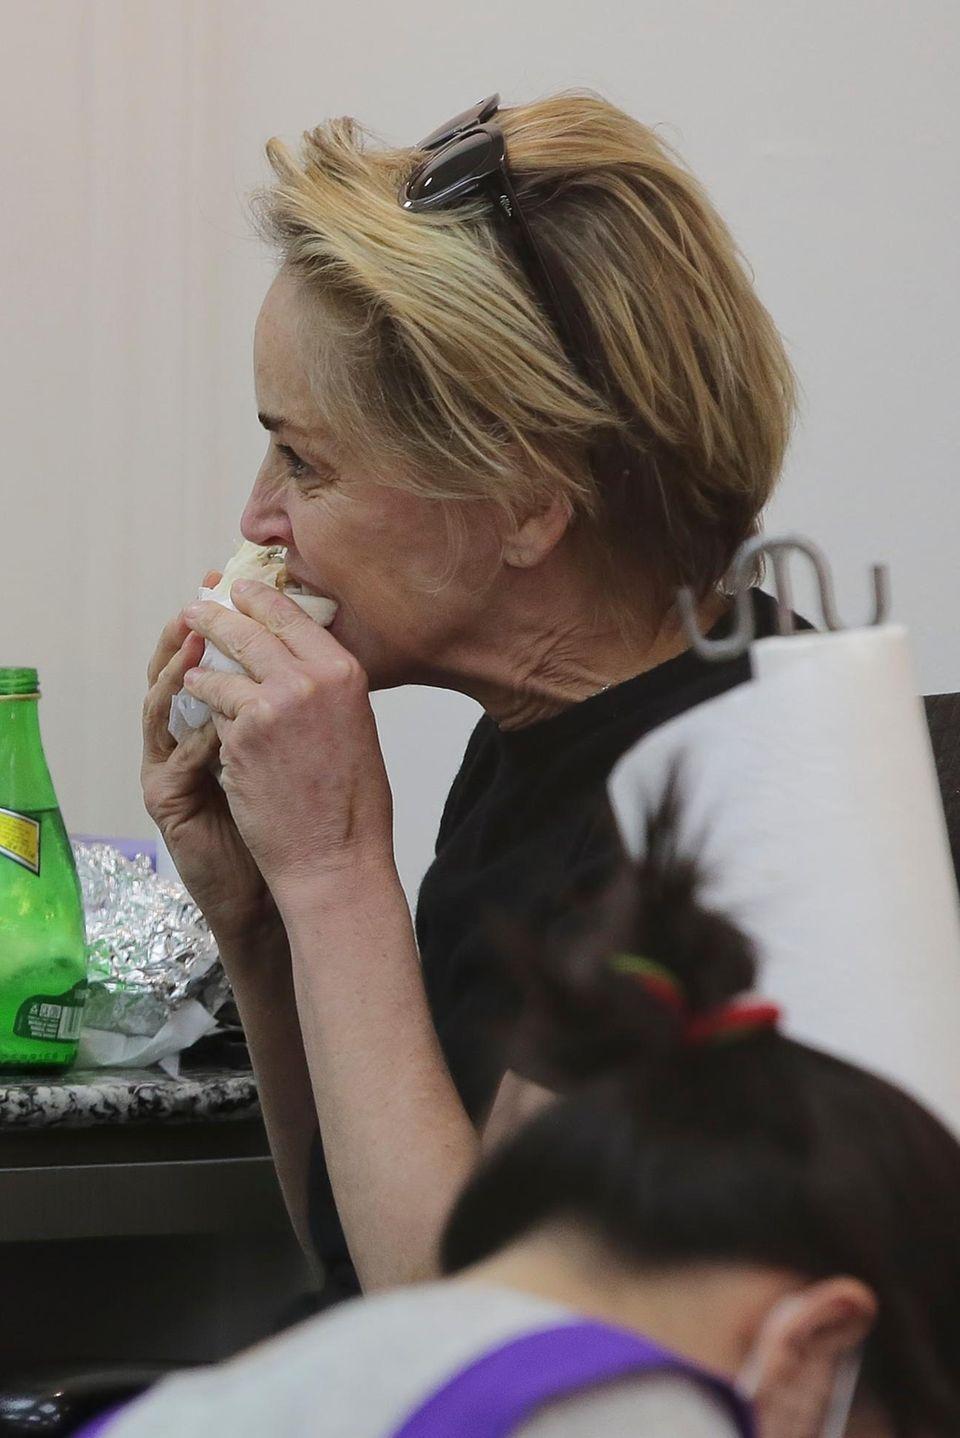 Während sich Sharon Stone ihre Nägel lackieren lässt, isst sie genüsslich ihren Wrap.